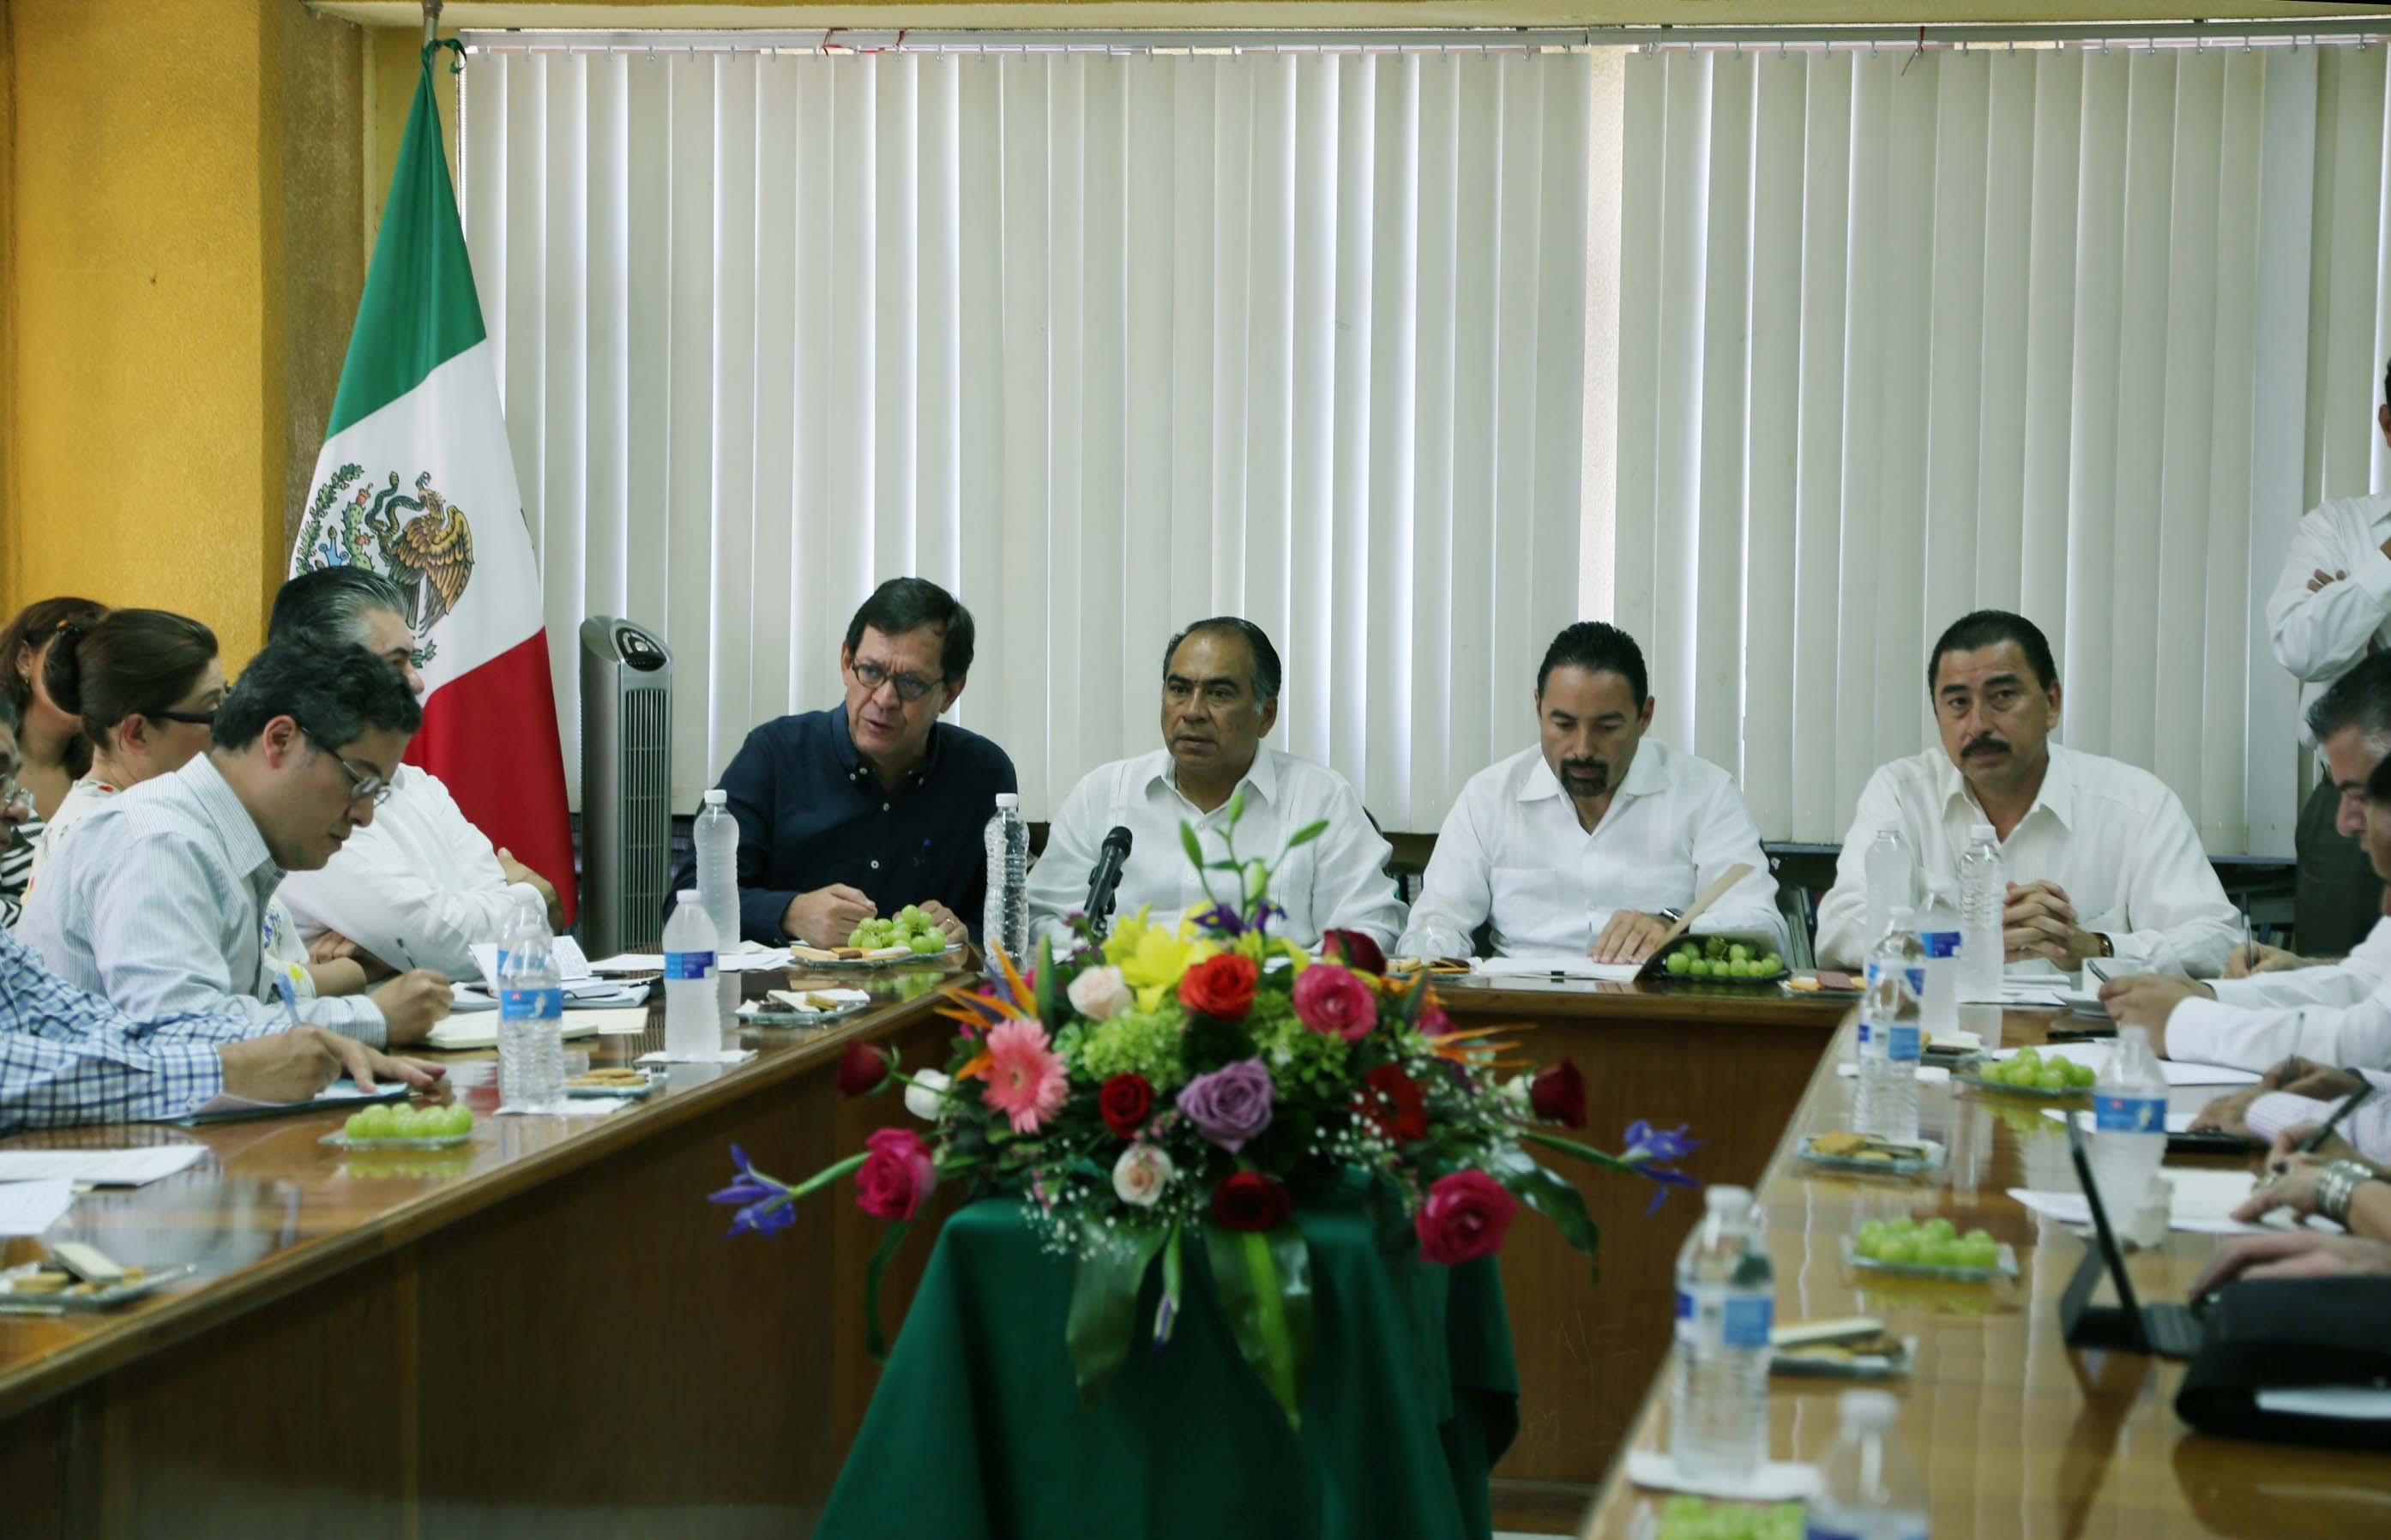 Reunión del Subsecretario de Derechos Humanos, Roberto Campa; el gobernador de Guerrero, Héctor Astudillo; y familiares en situación de víctimas del caso Avispones, en Chilpancingo, Guerrero.